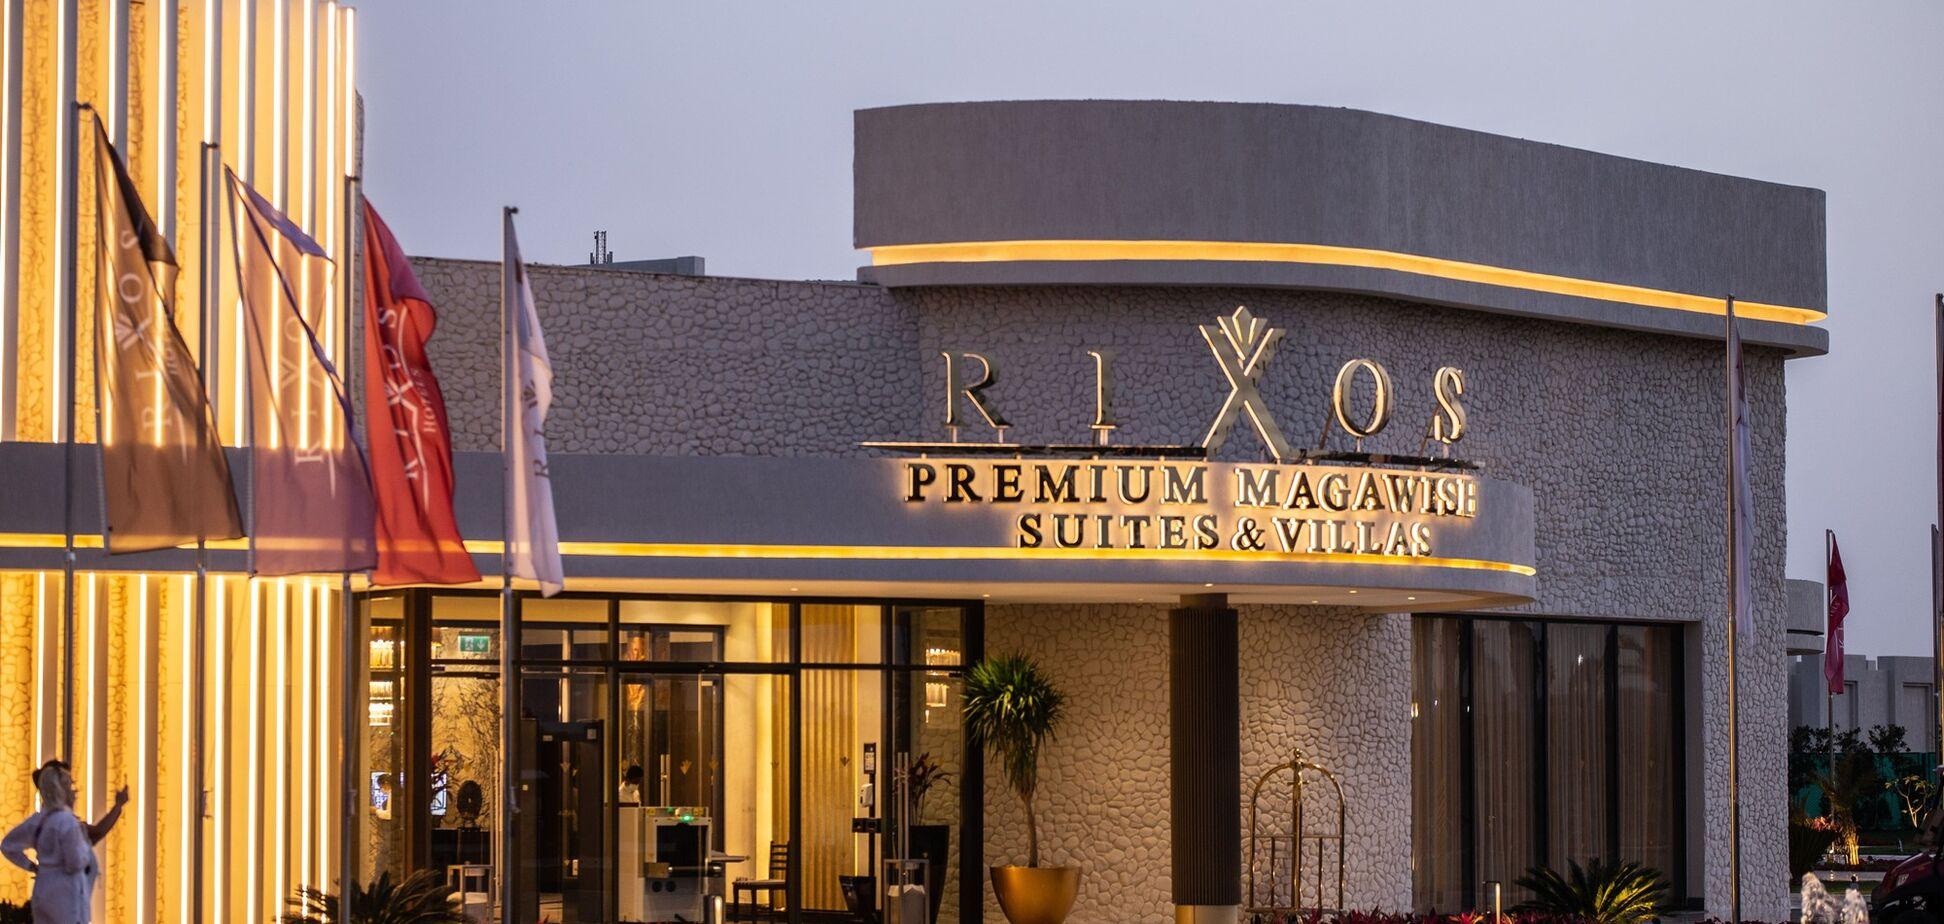 Українські зірки відгуляли незабутні весняні канікули в розкішному Rixos Premium Magawish Suites & Villas 5*: як це було. Фото